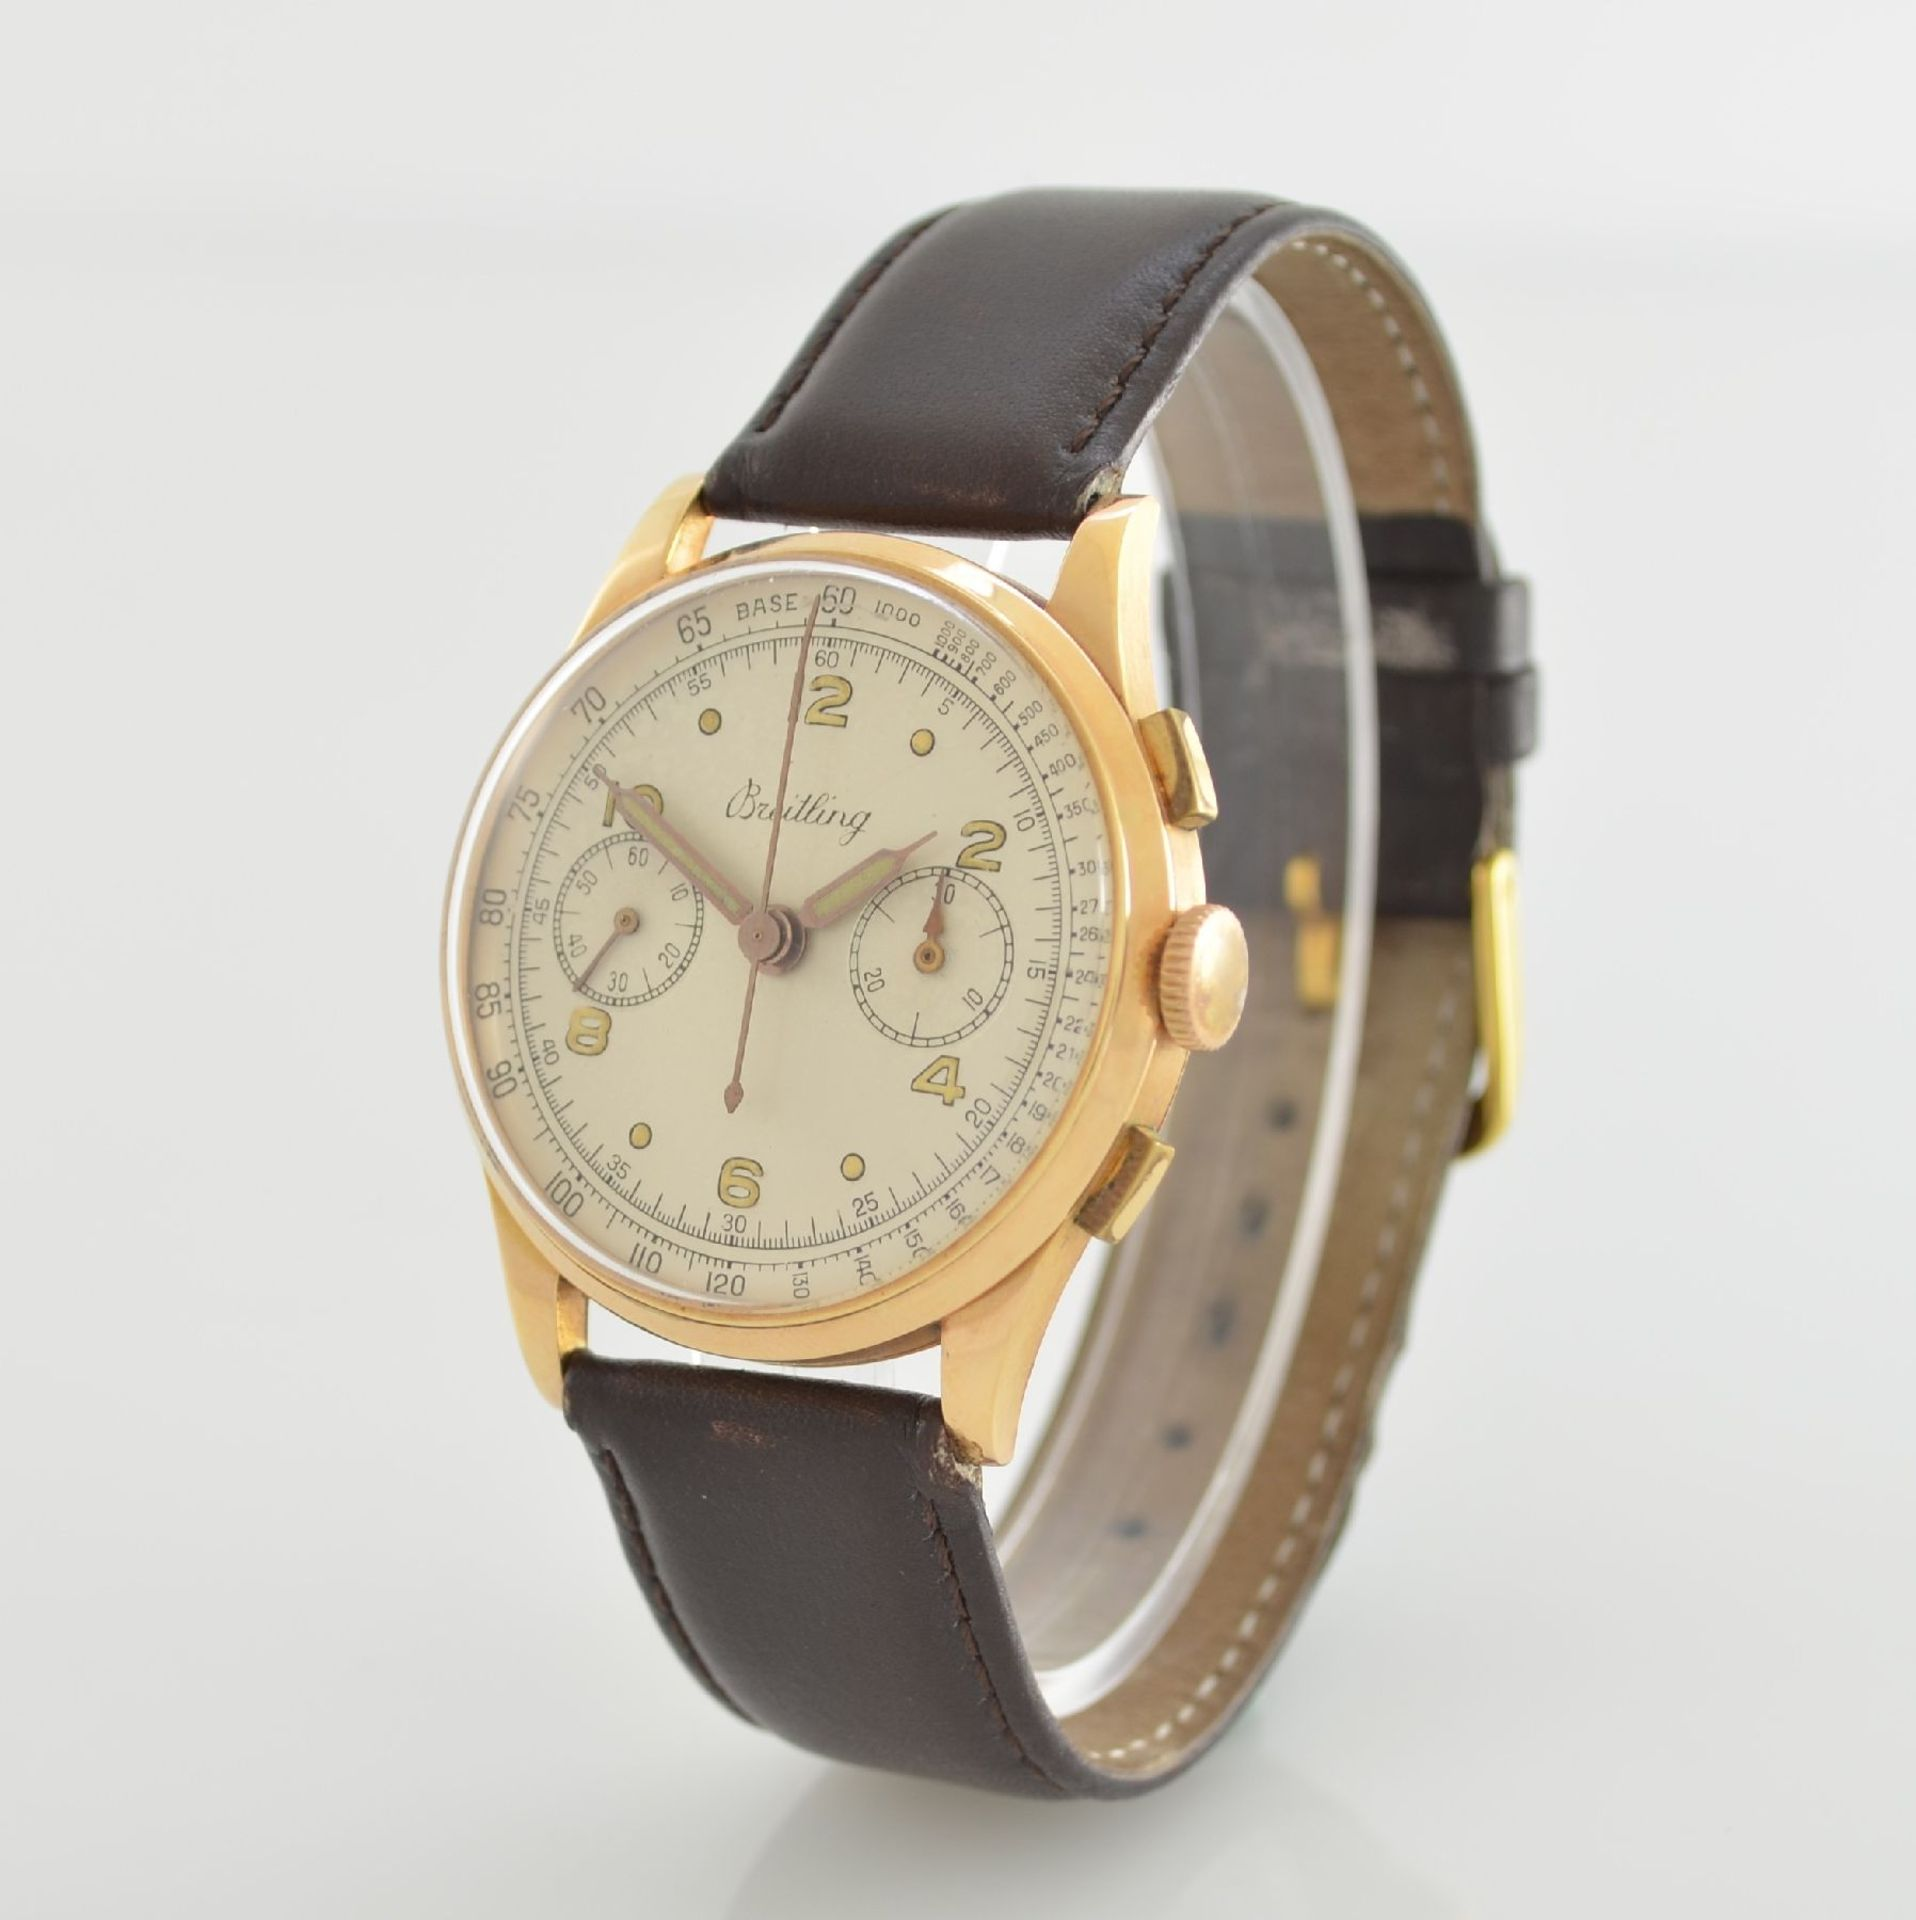 Herrenarmbanduhr mit Chronograph in 750/000 RoseG, Schweiz um 1950, Boden & Glasrand aufgedr., rest. - Bild 3 aus 9